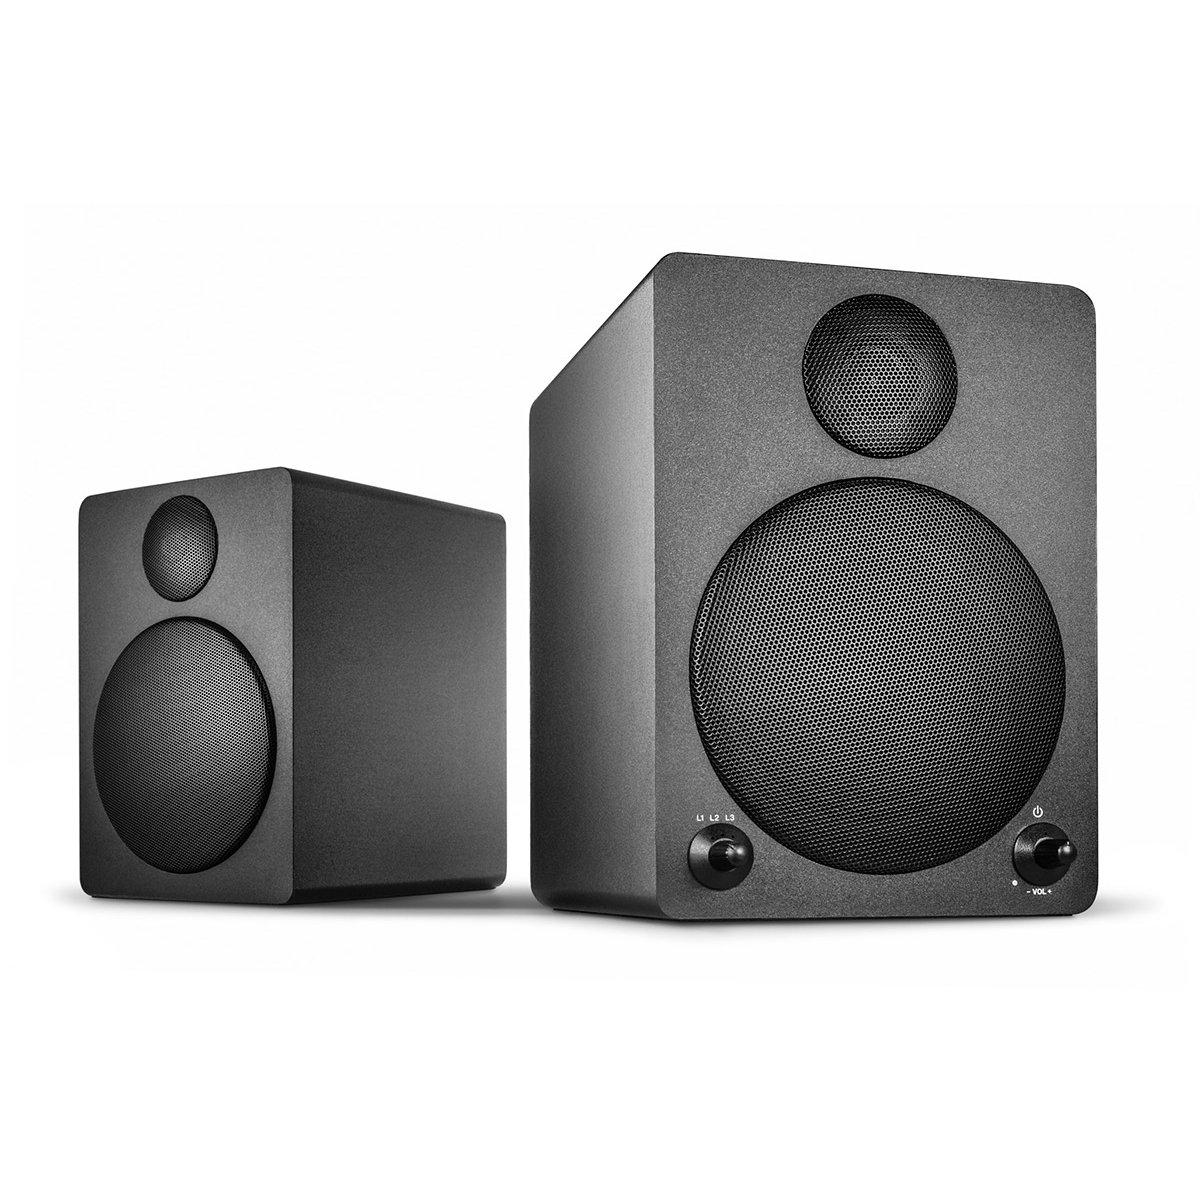 Wavemaster Cube black Regal-Lautsprecher-System (50 Watt) mit Bluetooth-Streaming Aktiv-Boxen Nutzung fü r TV/Tablet/Smartphone schwarz (66320) CUBE 2.0